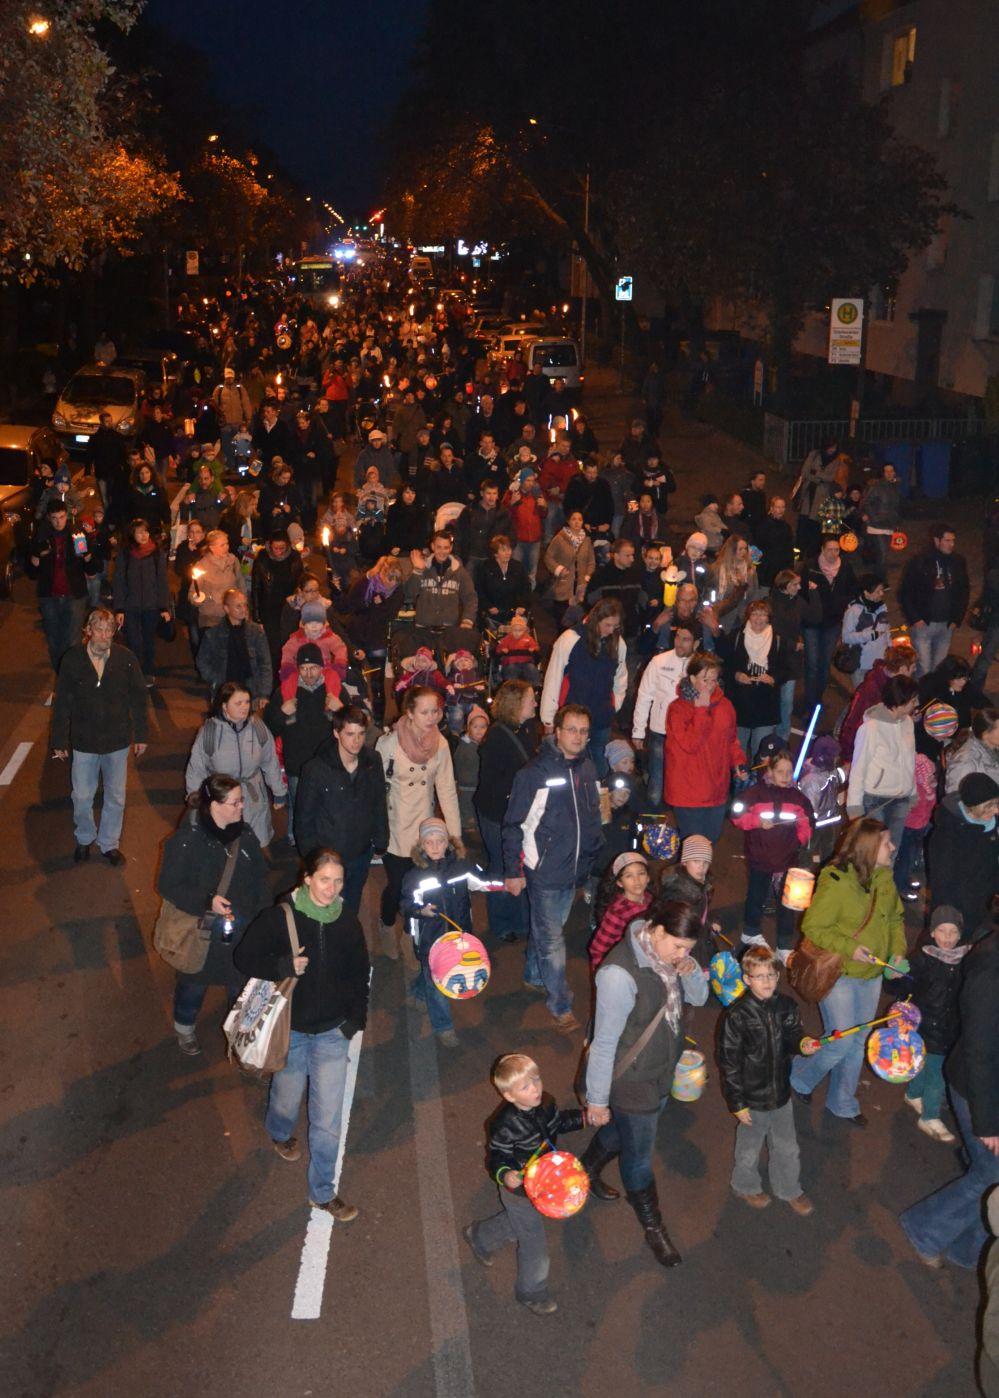 Lampionumzug in Warnemünde zum Martinsfest